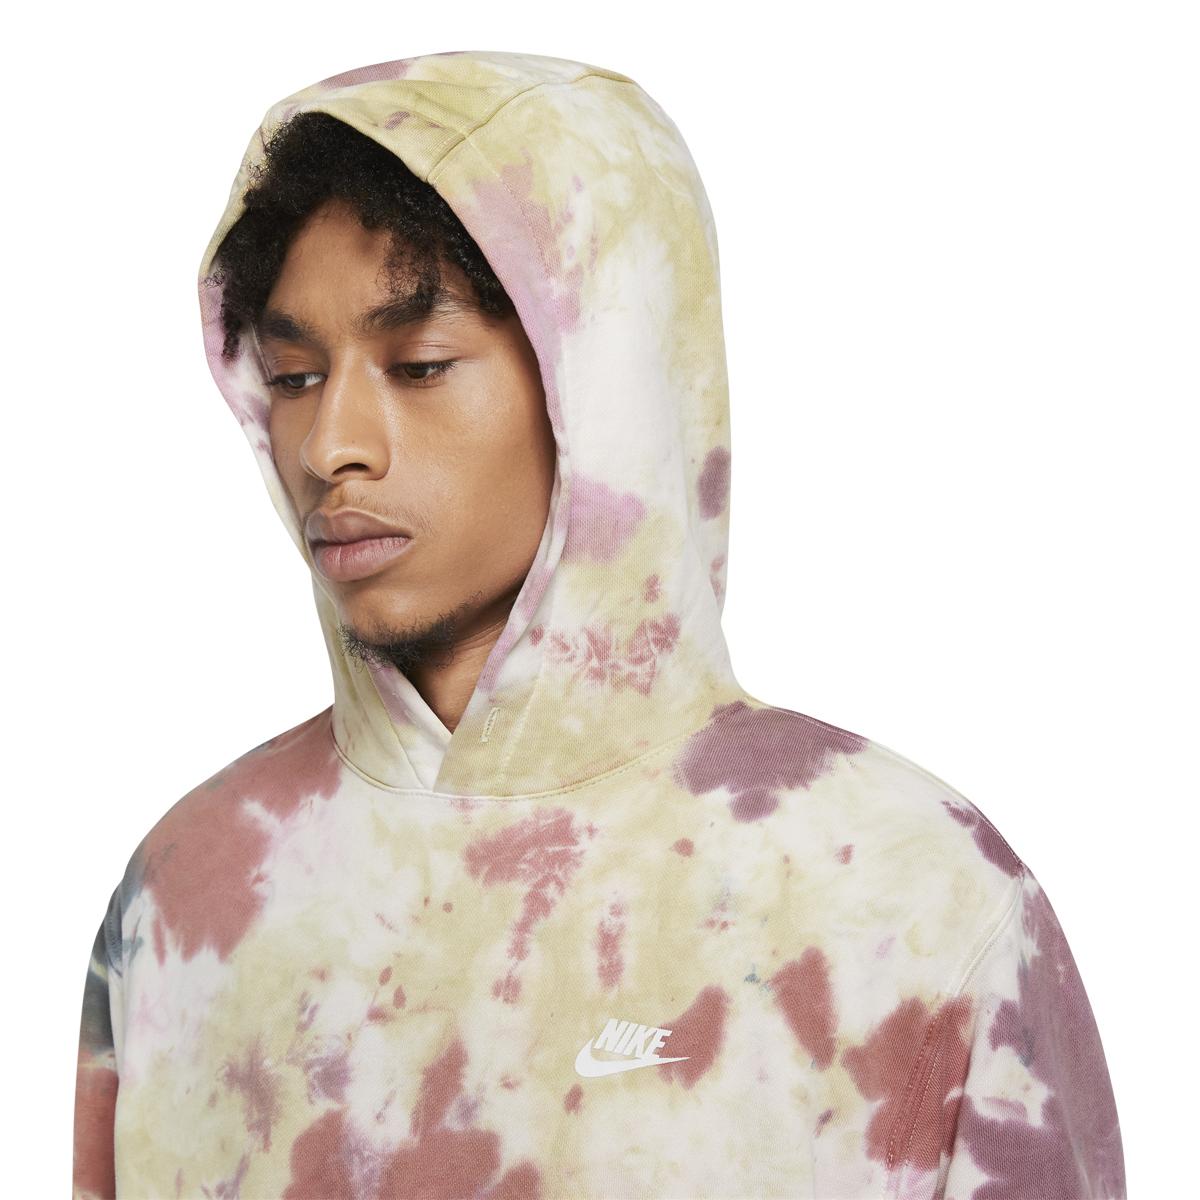 Nike Tie Dye Hoody